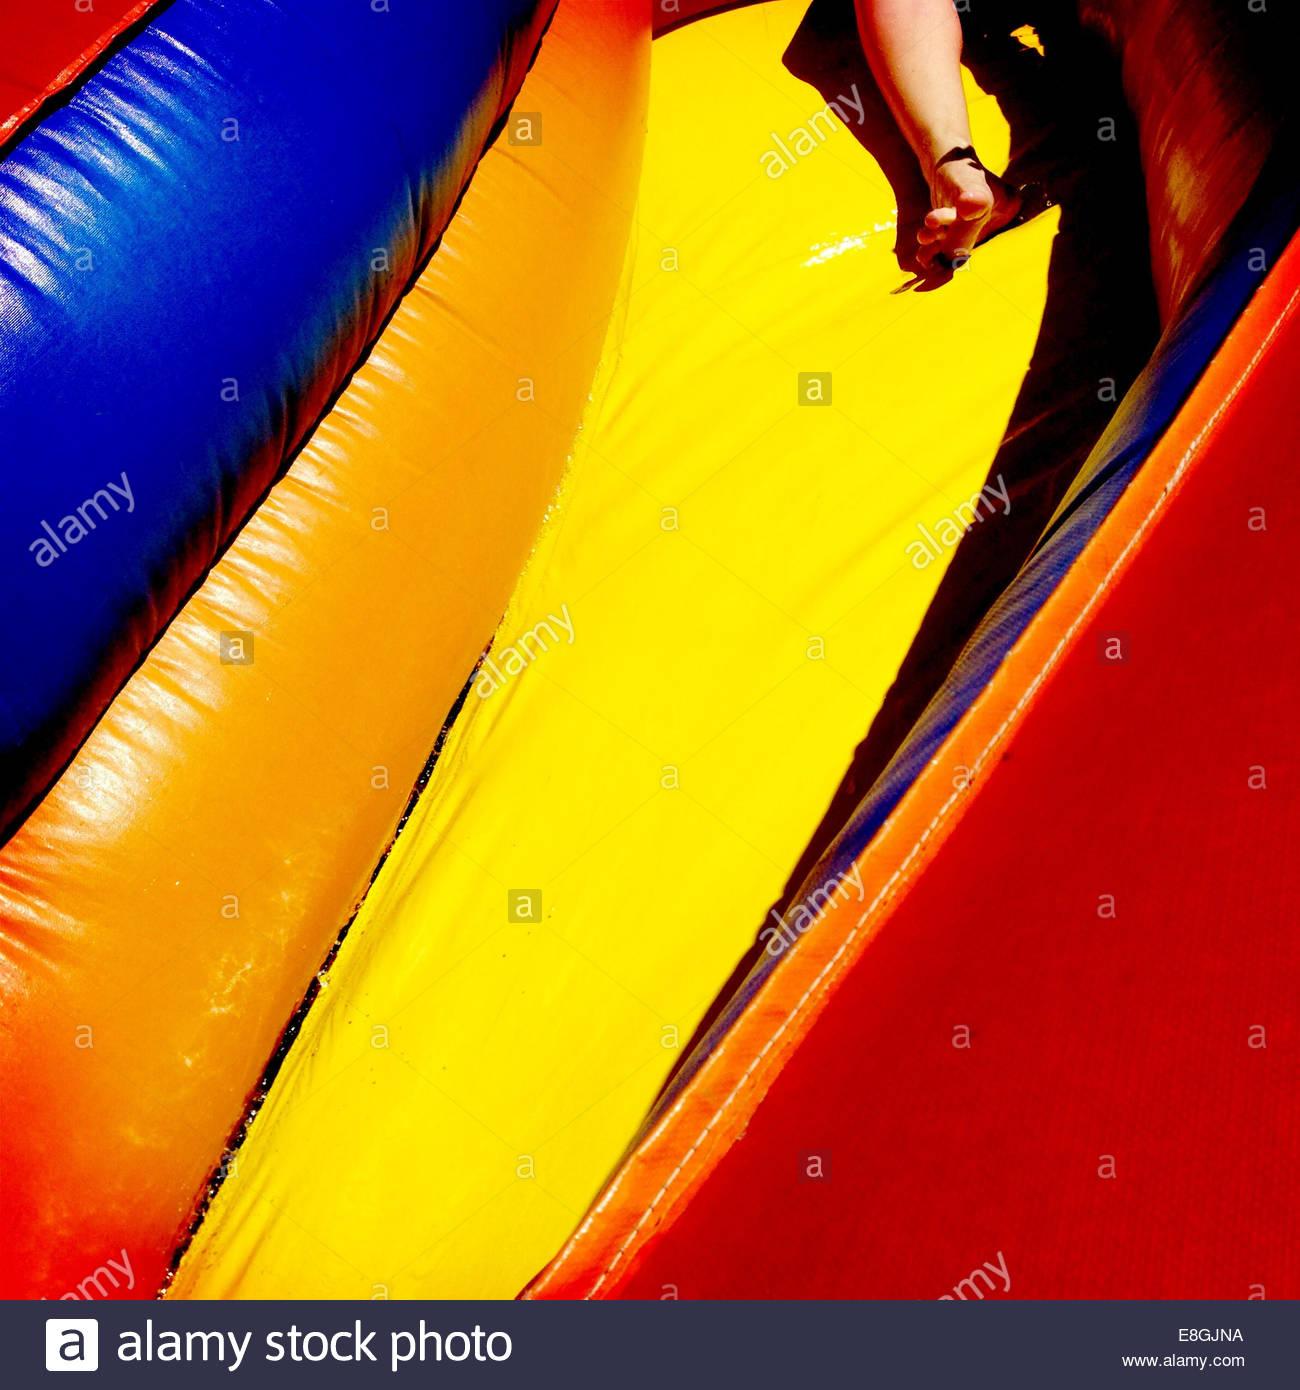 Le gambe della persona scorrendo giù colorata waterside Immagini Stock